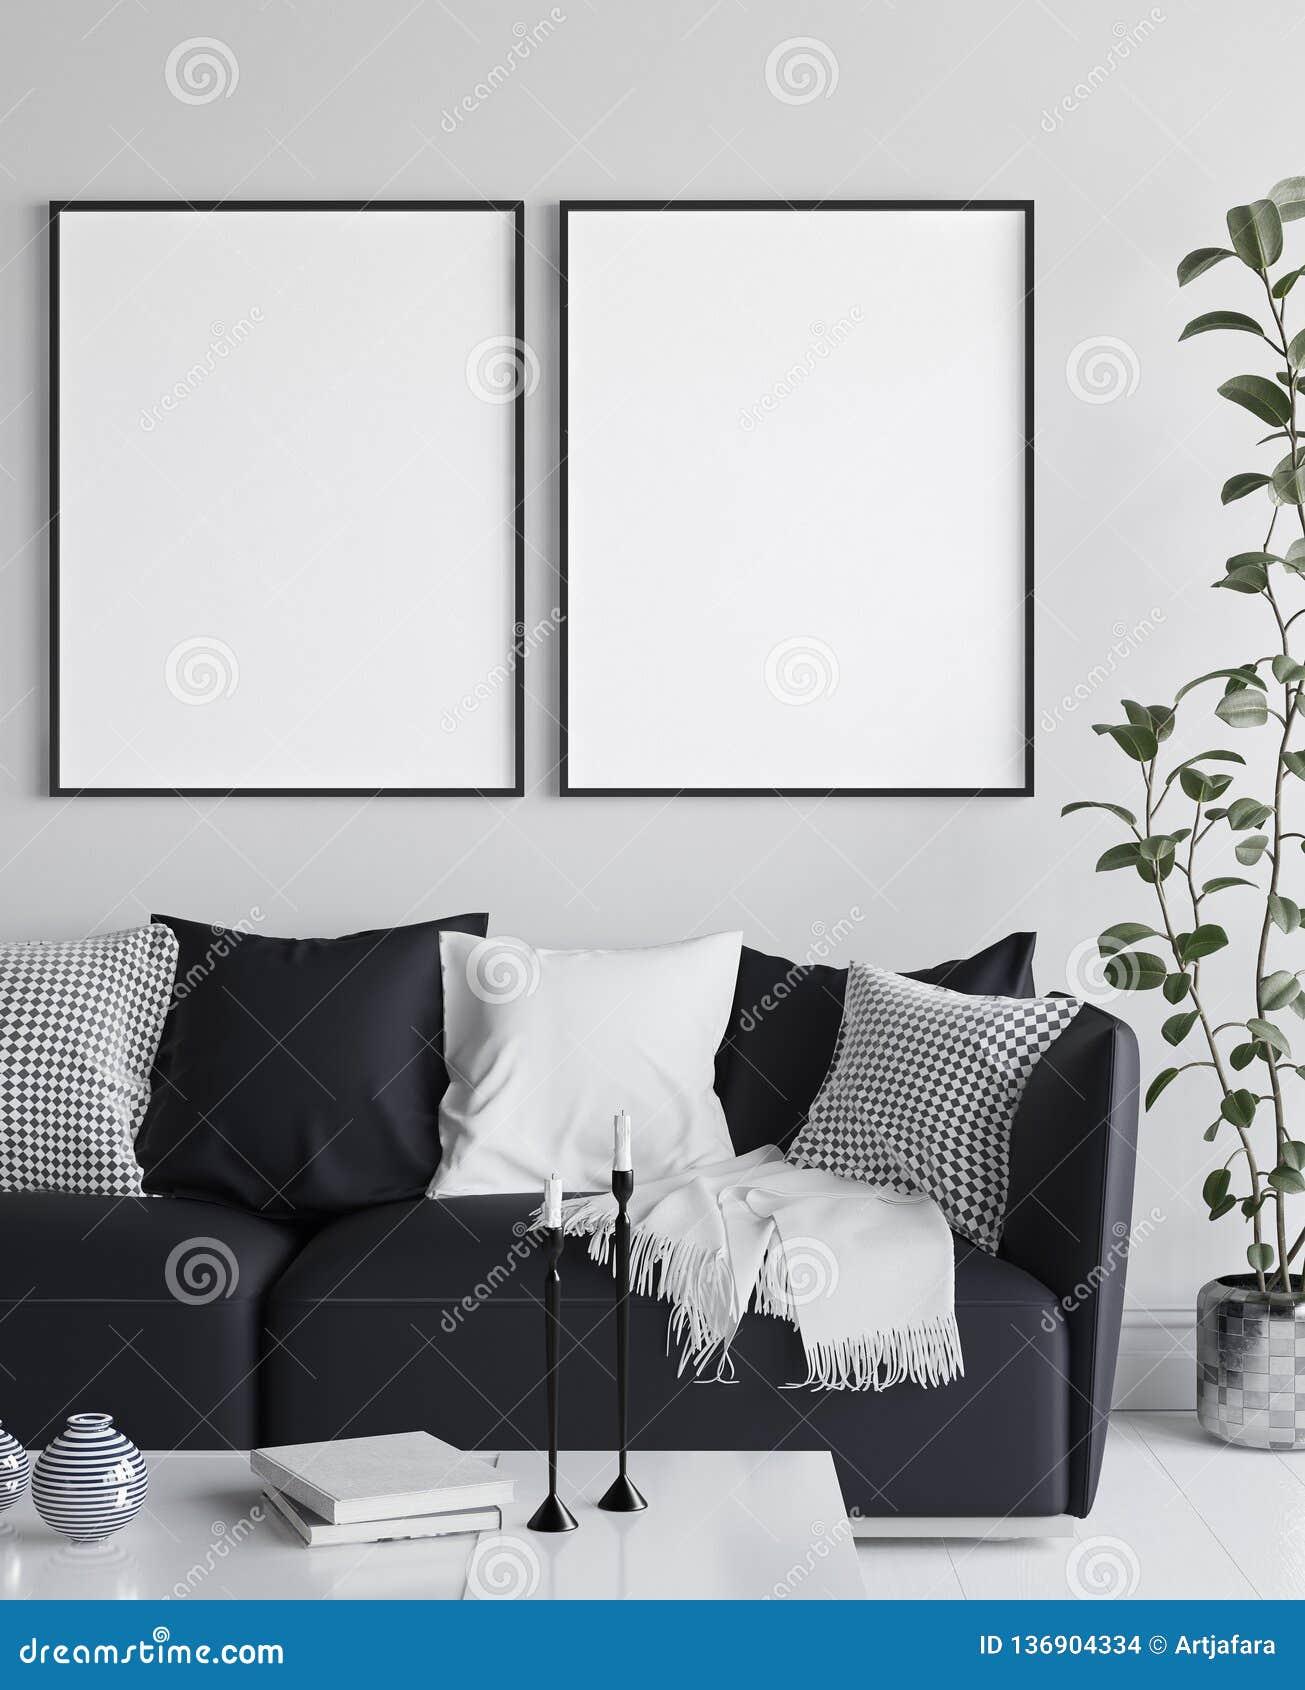 在客厅内部,斯堪的纳维亚样式的大模型海报